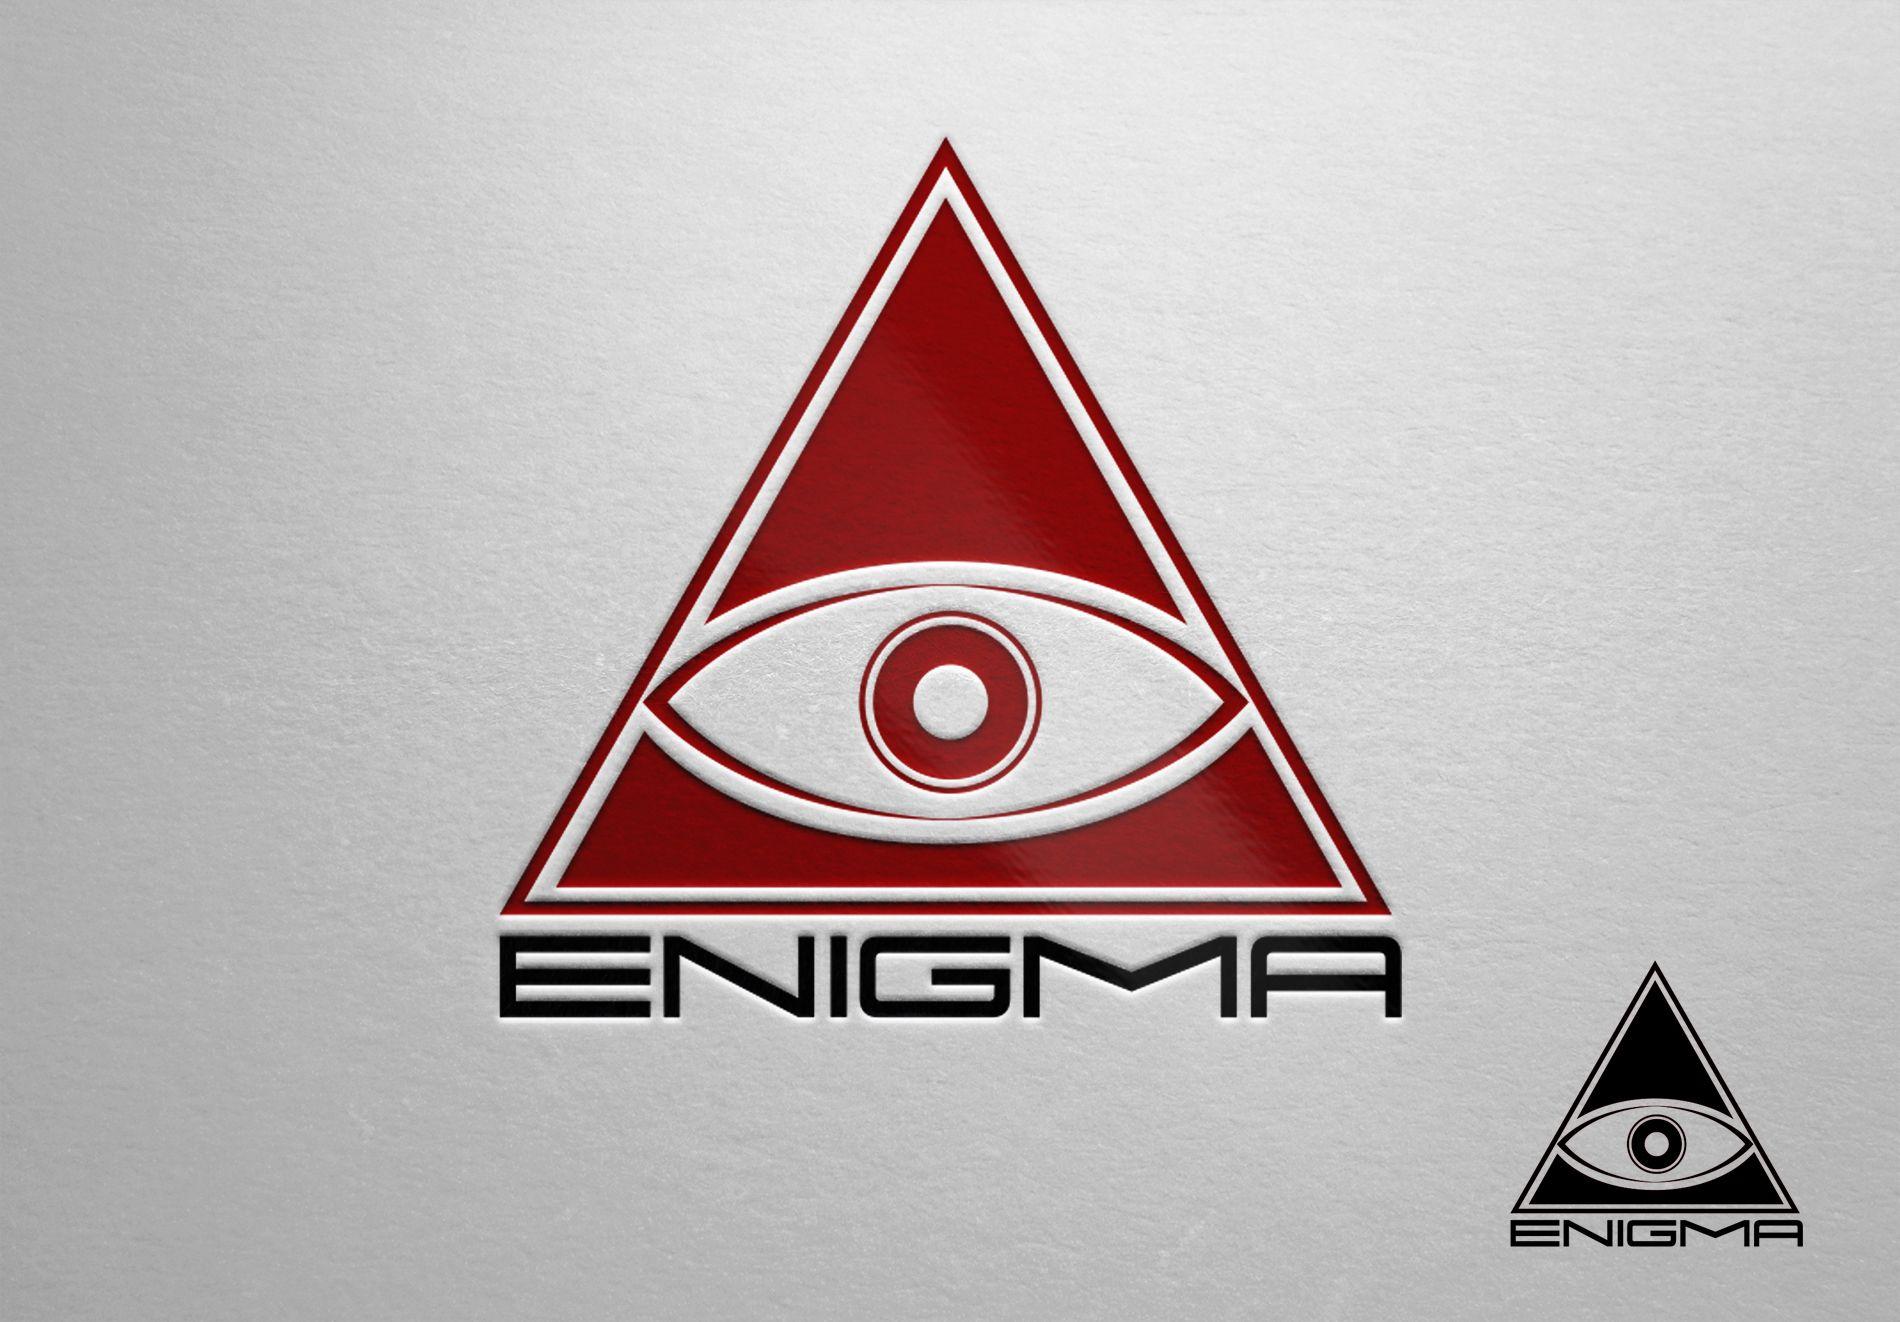 Логотип и фирмстиль для Enigma - дизайнер La_persona